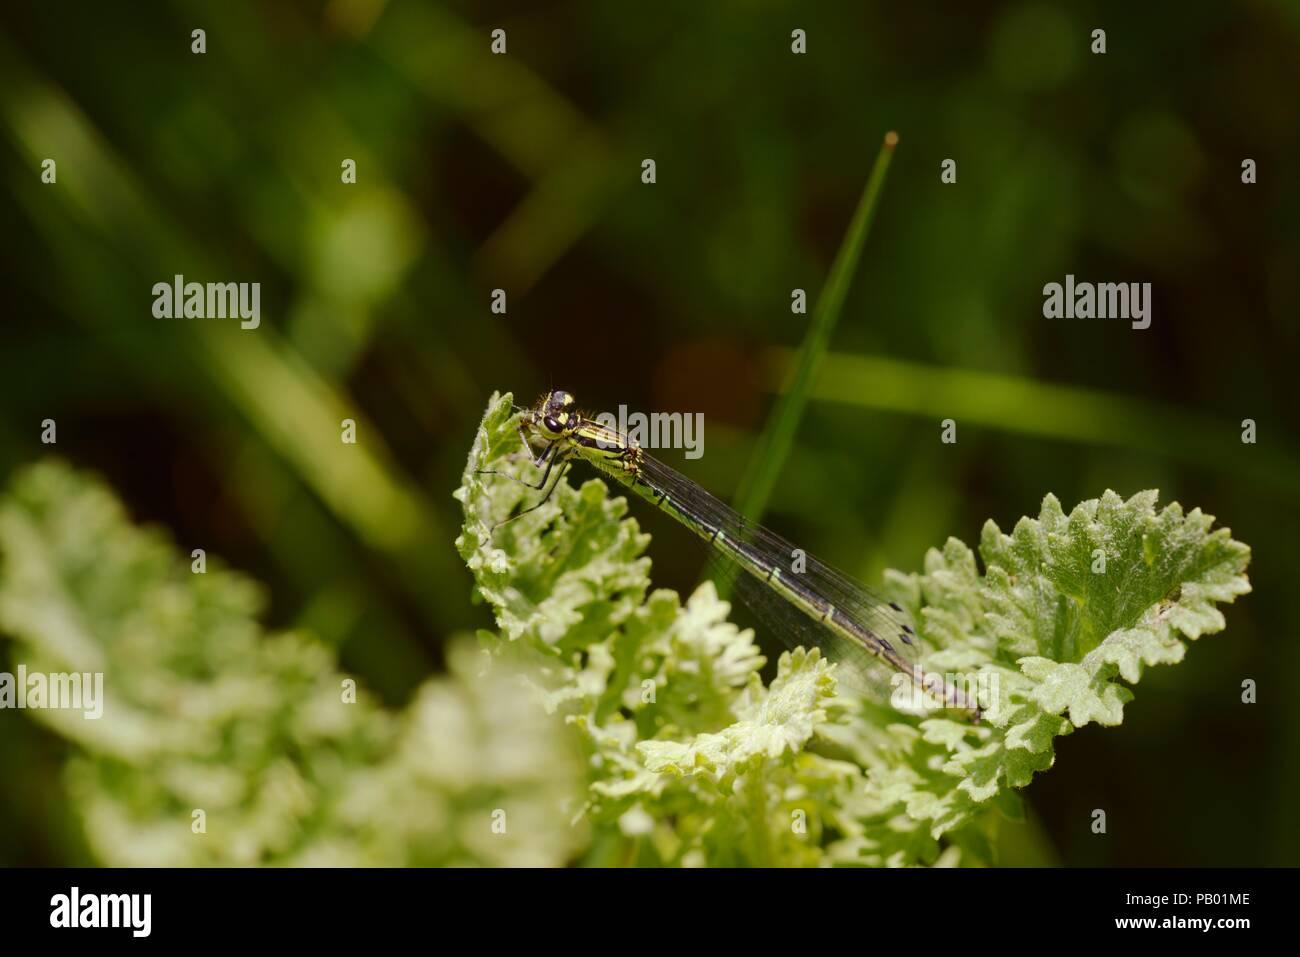 Female Azure Damselfly, Coenagrion puella, green variation, Wales, UK - Stock Image